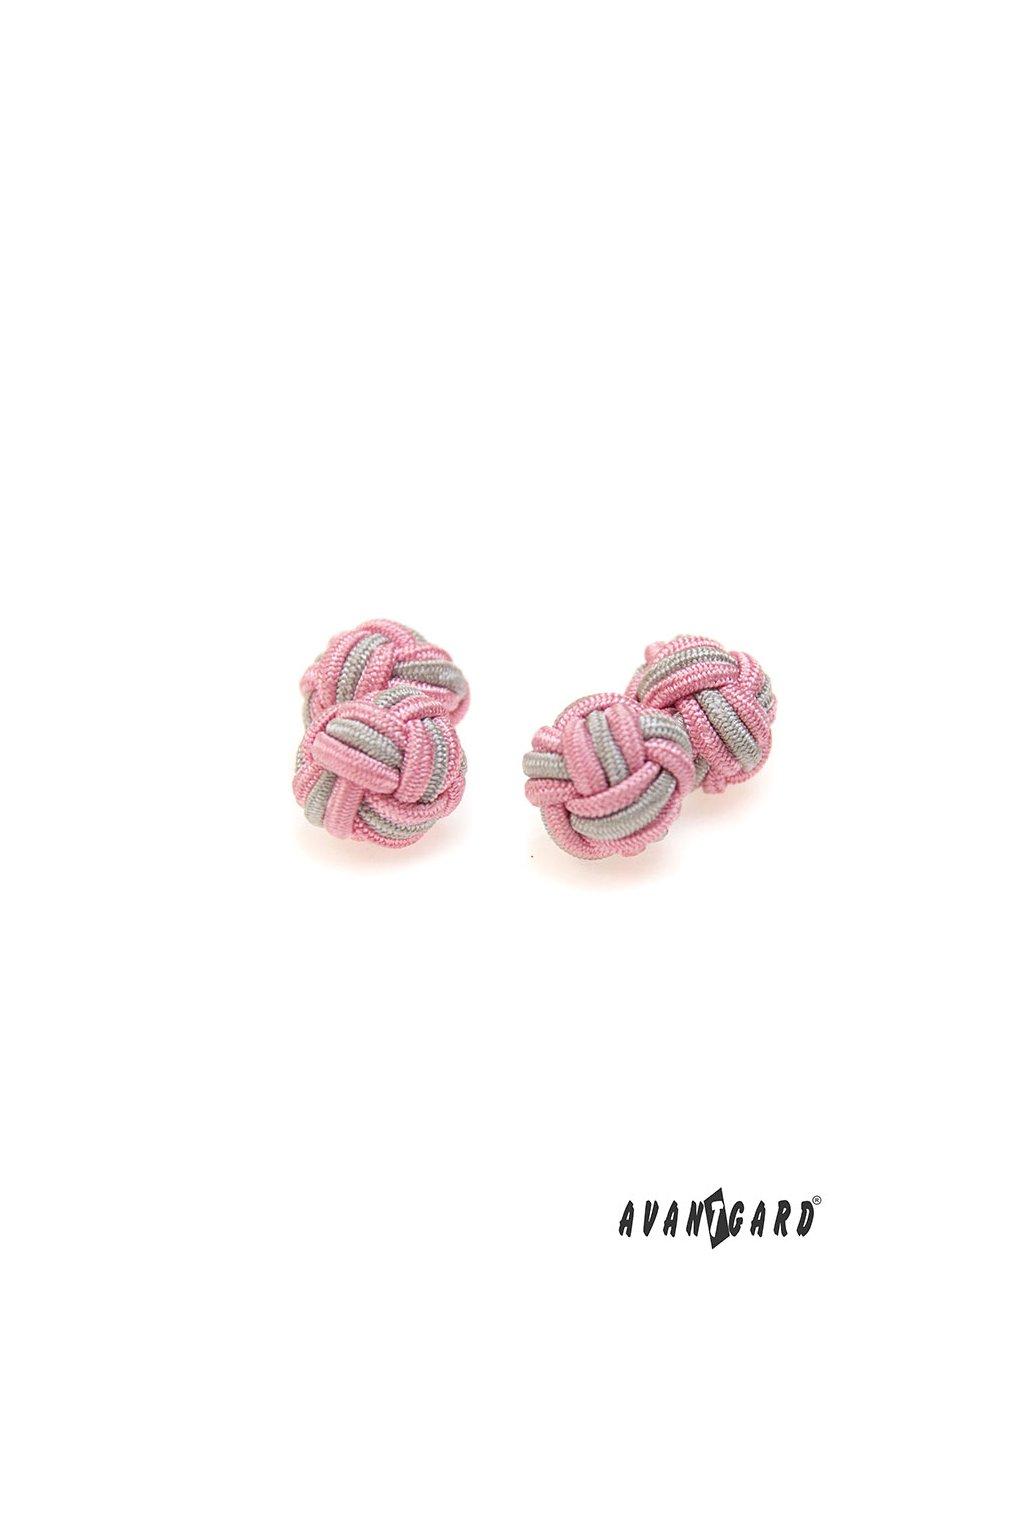 Knots - manžetové uzlíky AVANTGARD růžová 614 - 0921